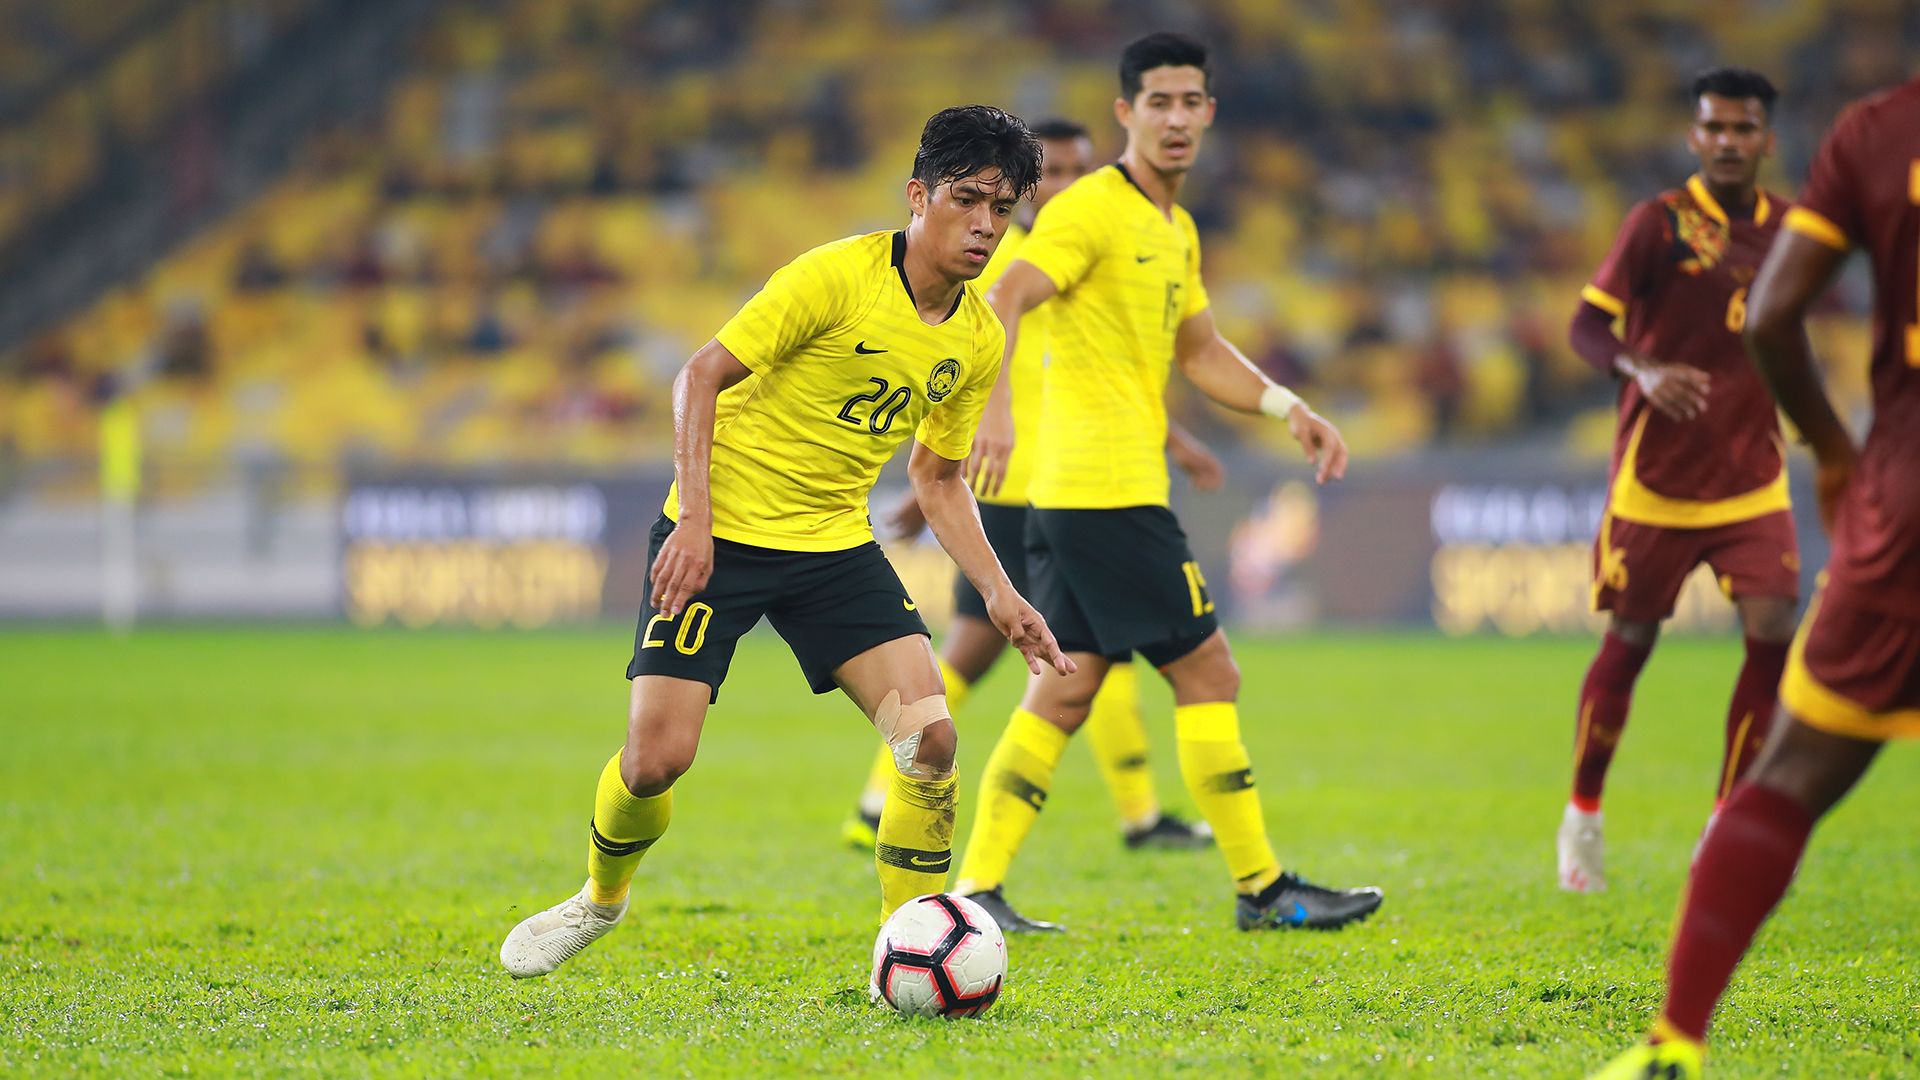 Syafiq Ahmad, Malaysia v Sri Lanka, International Friendly, 5 Octo 2019